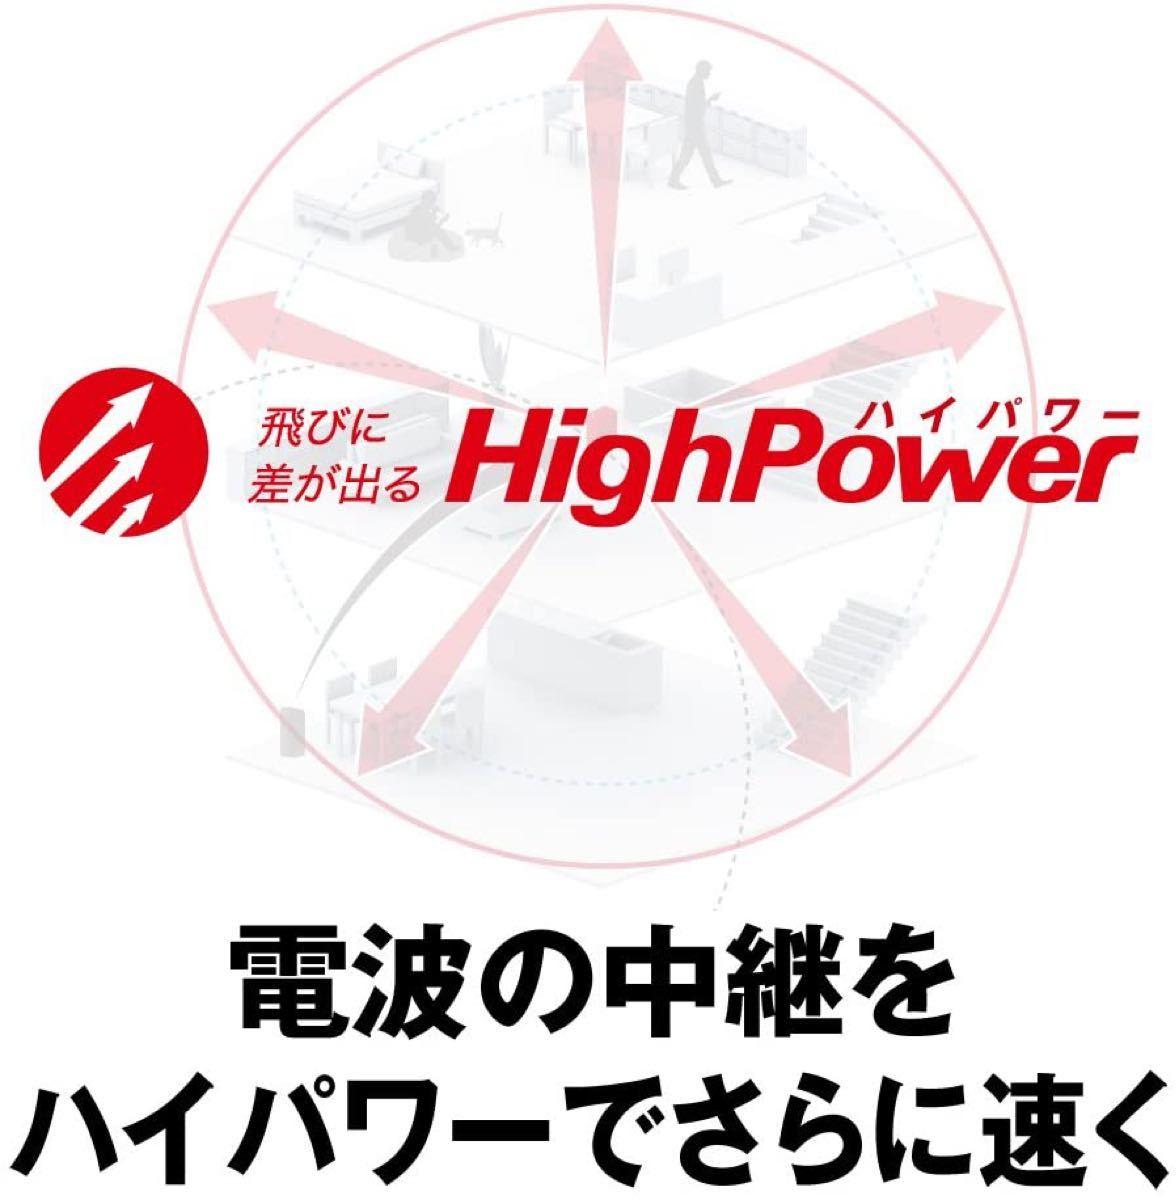 バッファロー Wi-Fi中継器 11ac対応 ハイパワー コンセントモデル 無線LAN中継機 WEX-733DHP